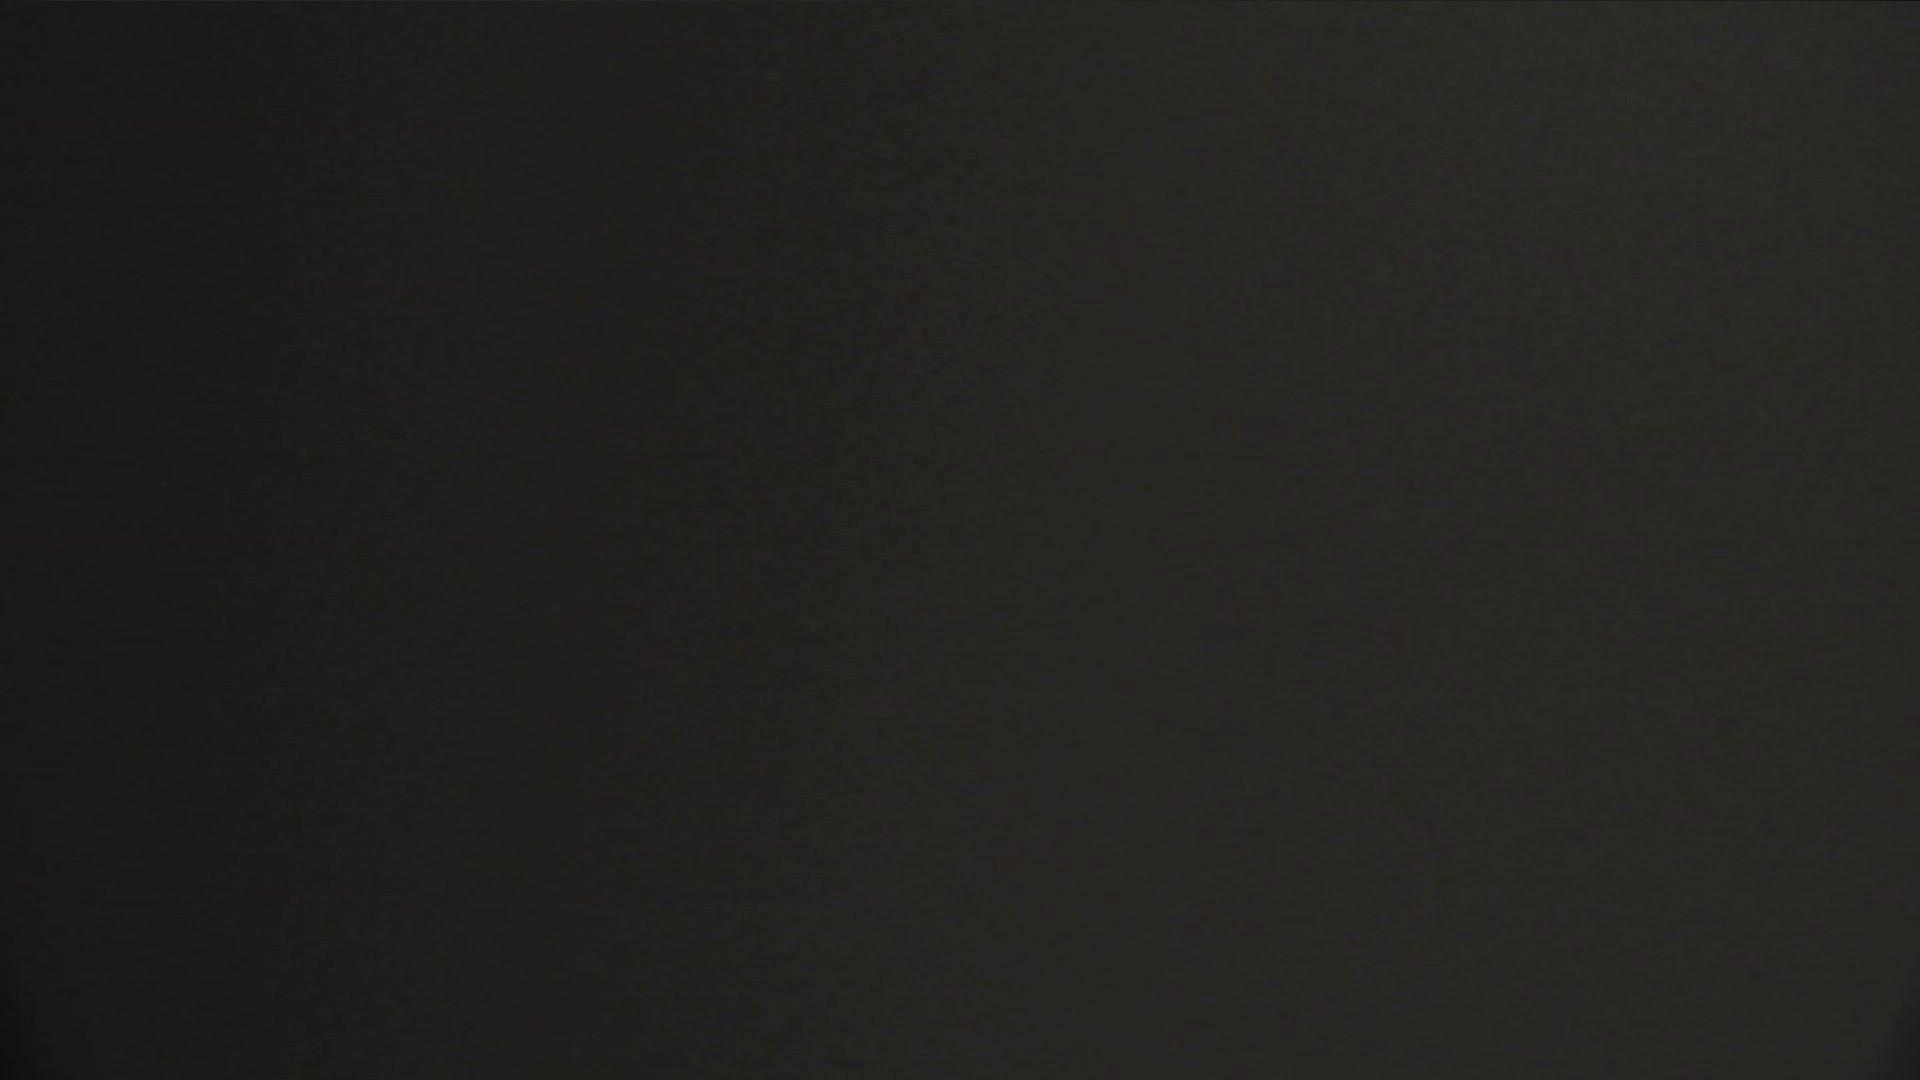 vol.08 命がけ潜伏洗面所! 黒ストッキングが流行りです。 洗面所 盗撮戯れ無修正画像 92PICs 6